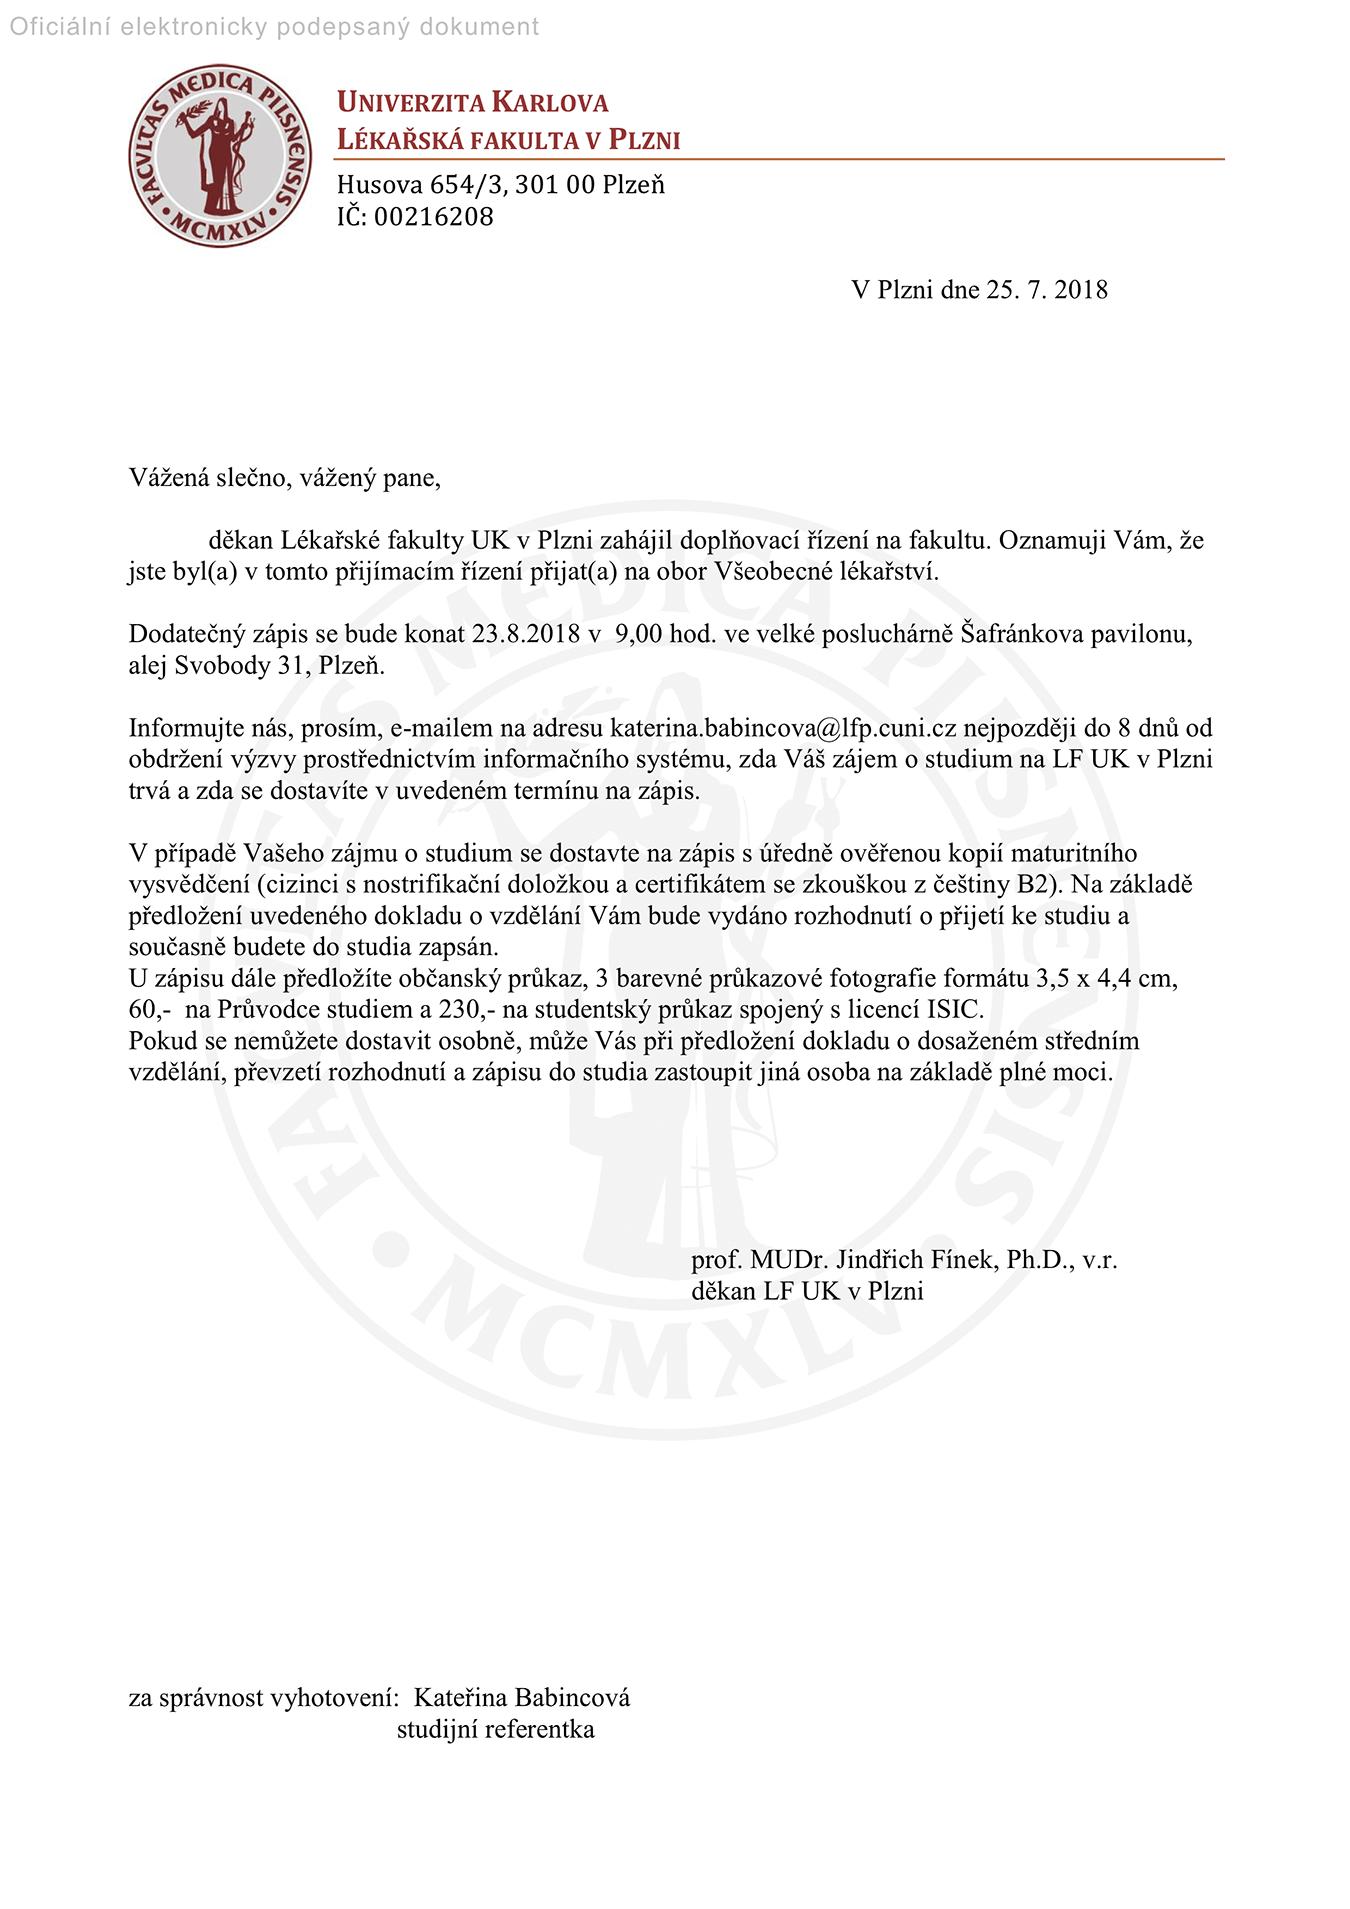 Письмо из Карлова университета: меня приняли на медицинский факультет в ходе дополнительной вступительной кампании